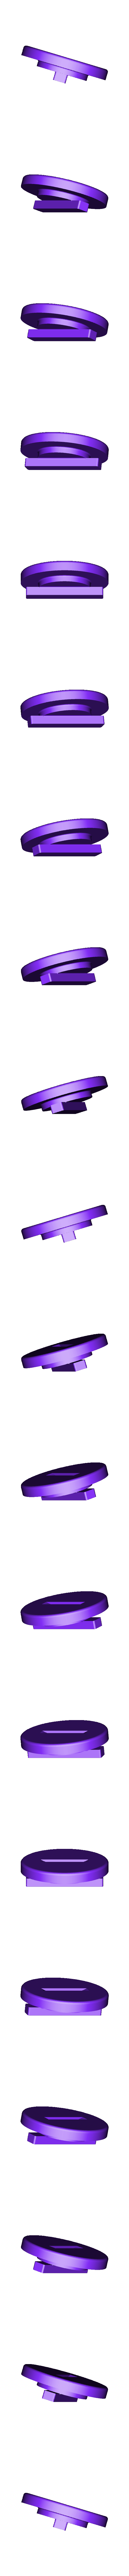 sand_cover.stl Télécharger fichier STL gratuit Coupe-bande de bureau • Modèle pour impression 3D, bofl